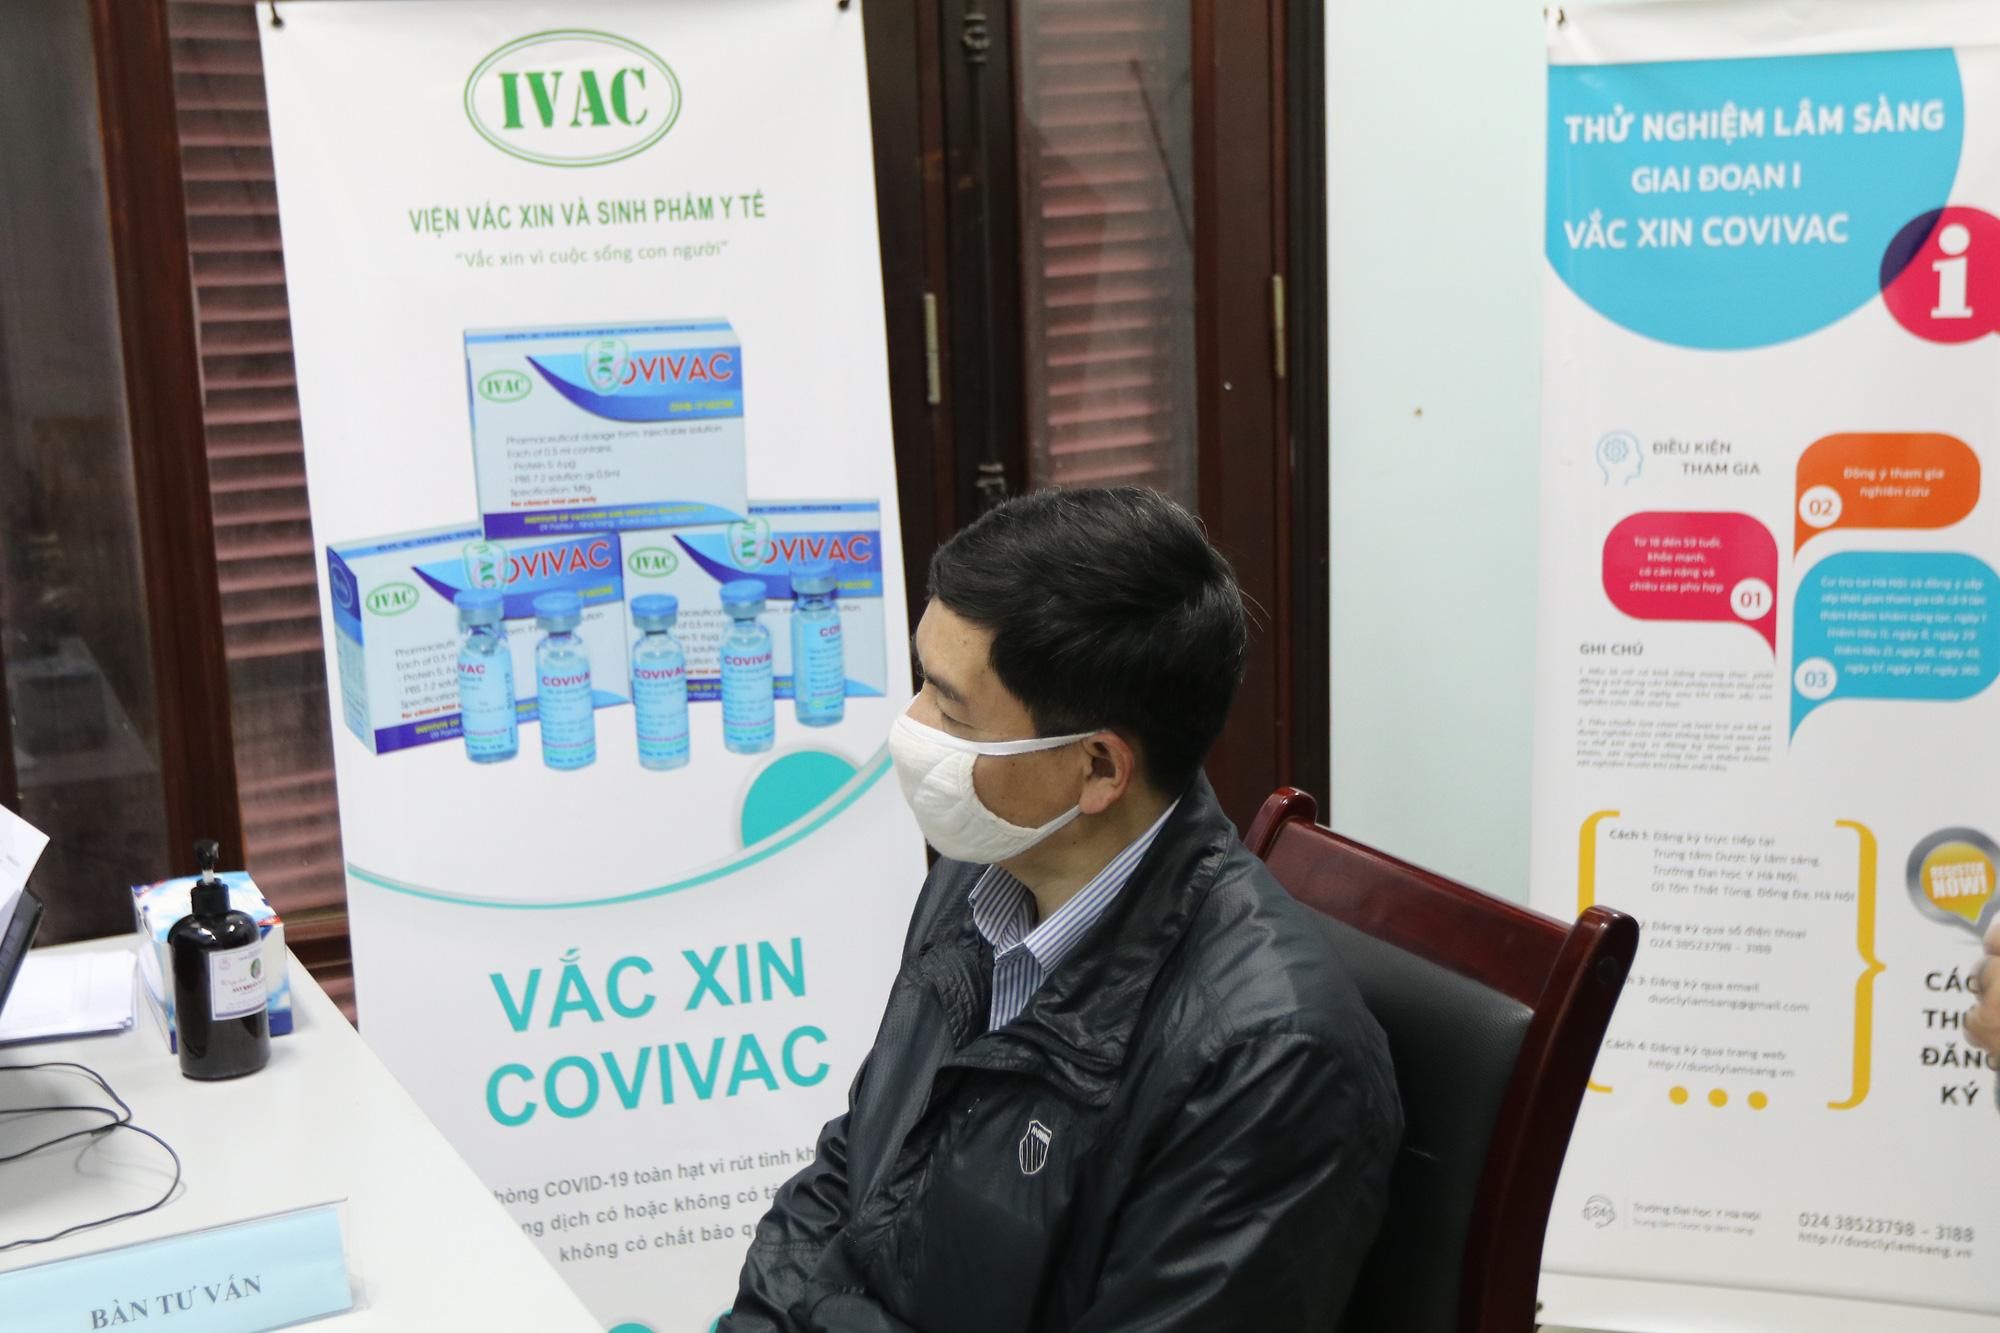 Bắt đầu tuyển tình nguyện viên thử nghiệm vắc xin điều trị Covid-19 thứ 2 của Việt Nam COVIVAC - Ảnh 3.